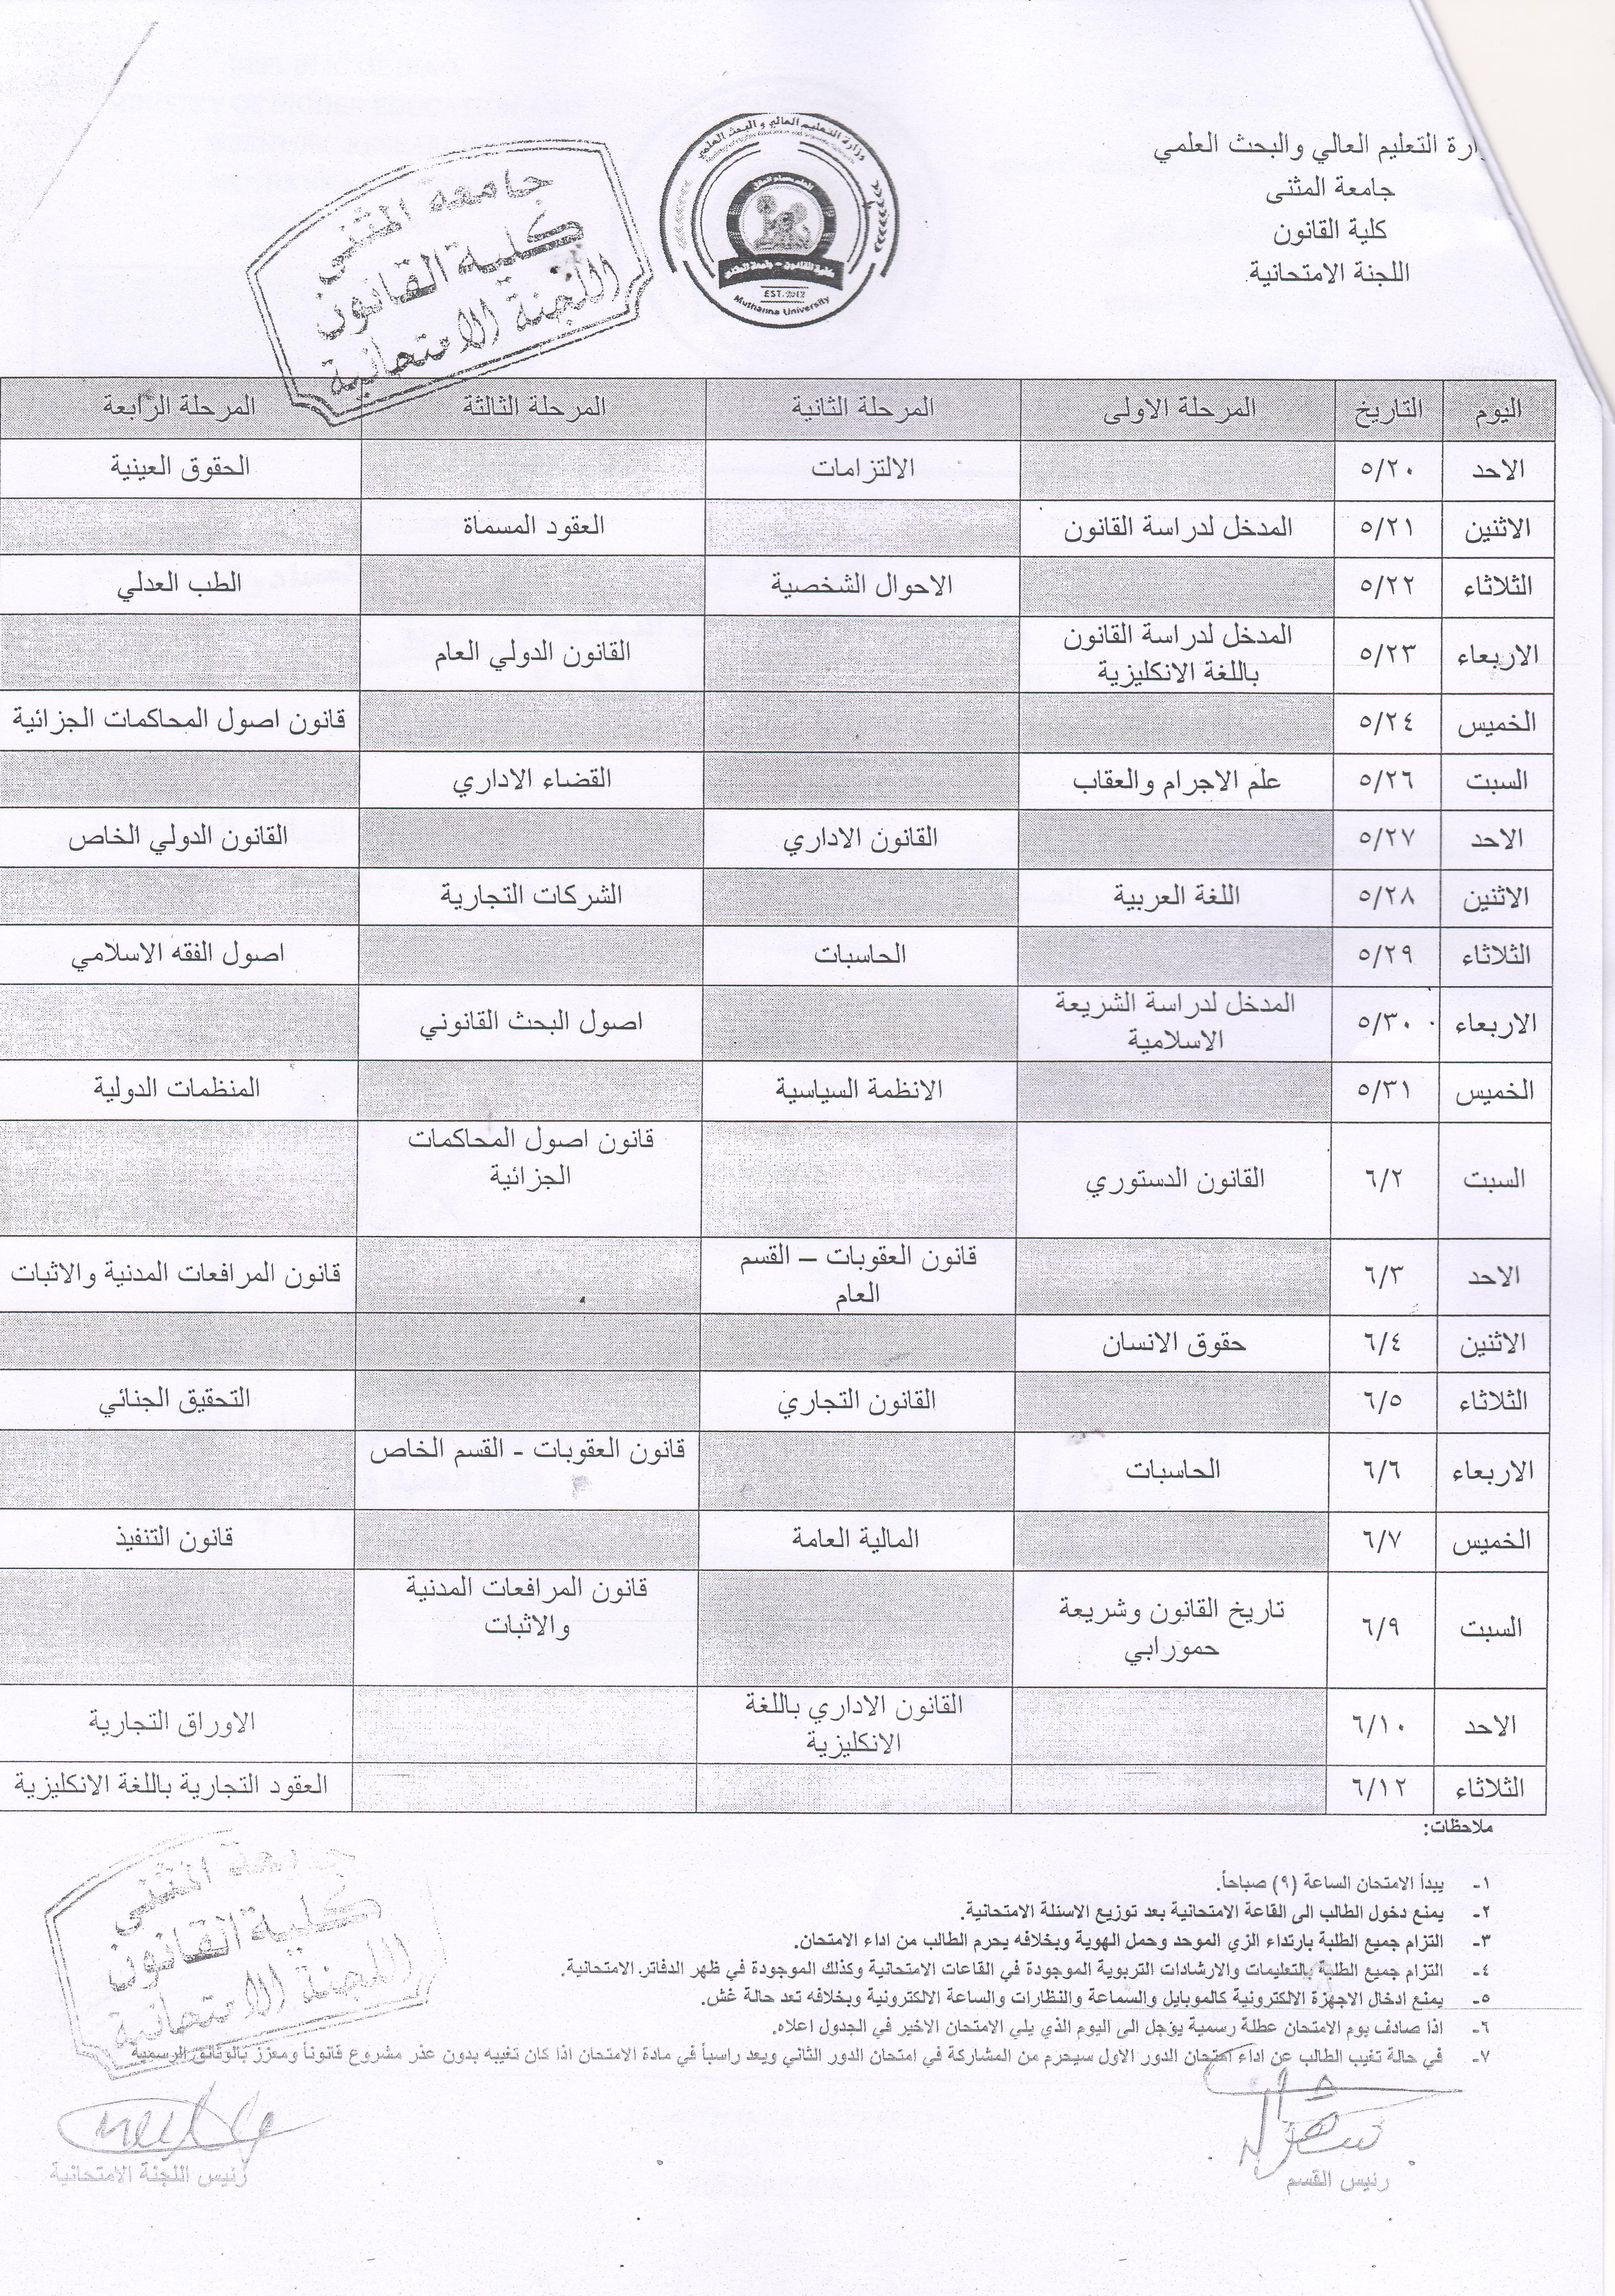 جدول الامتحان النهائي للعام الدراسي 2017-2018